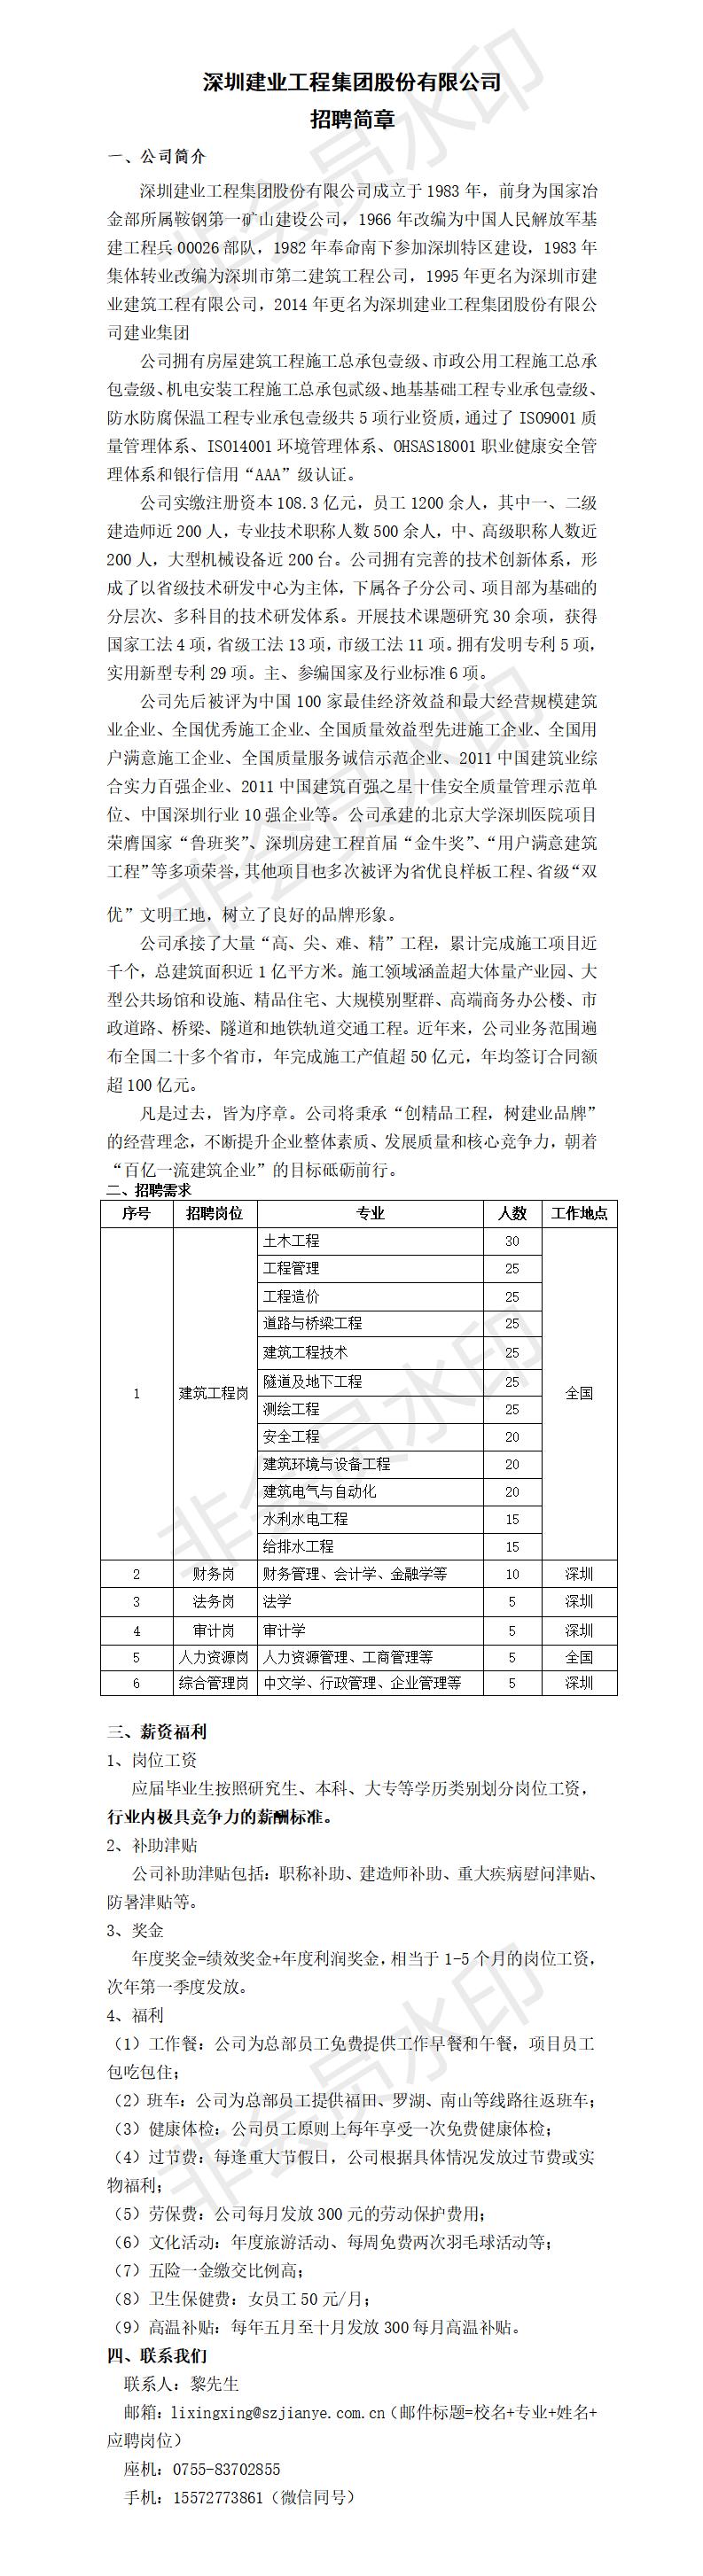 深圳建业招聘简章(1).png